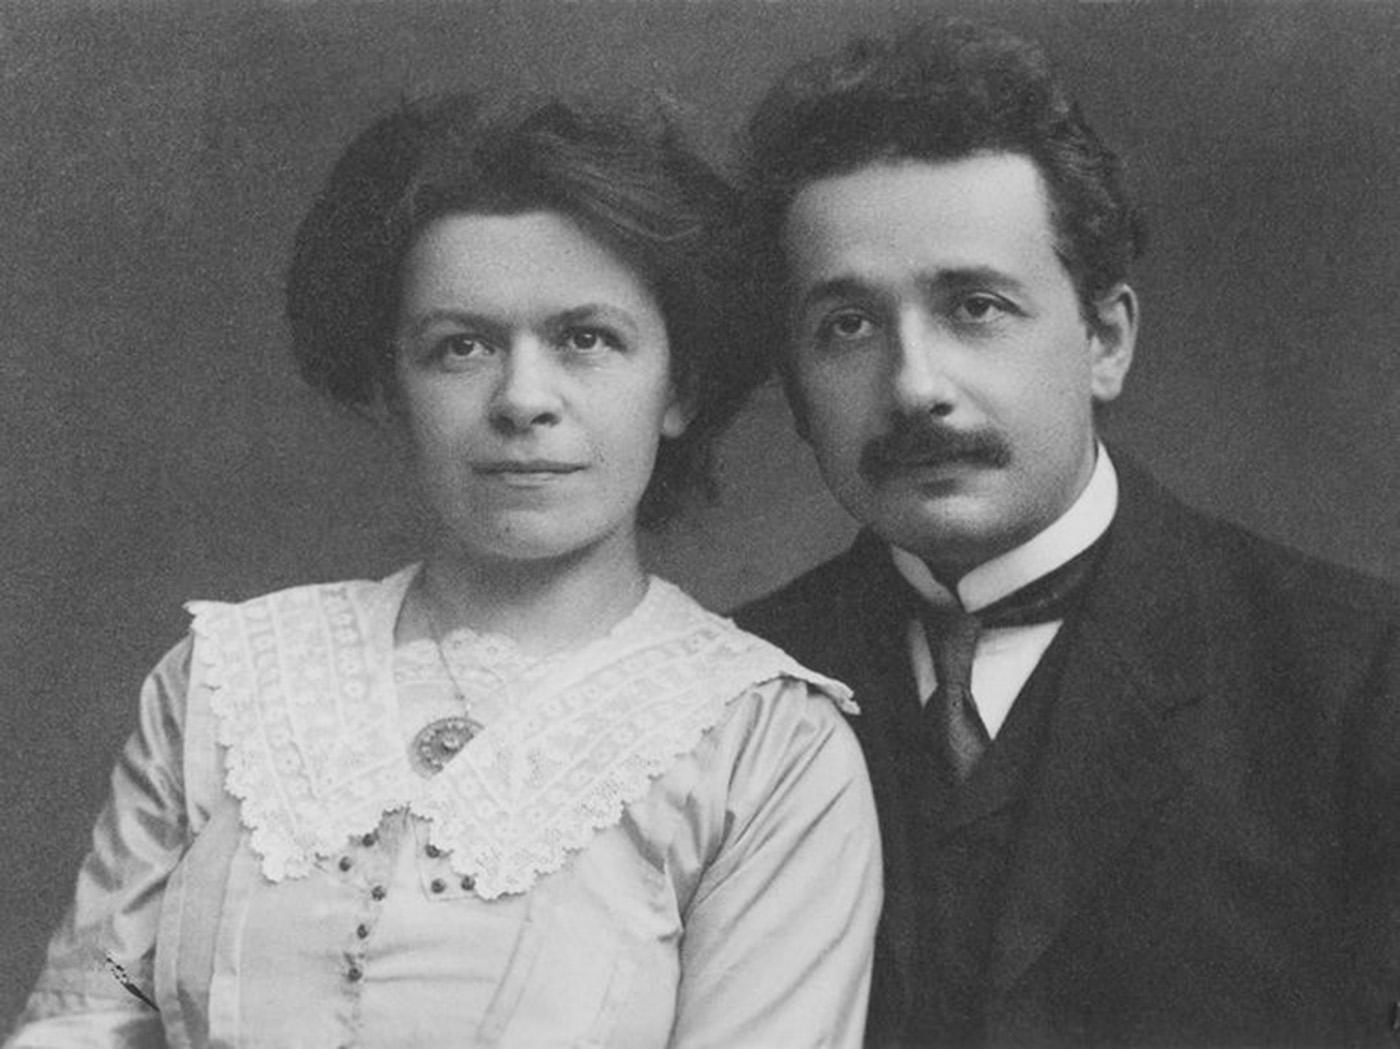 ВЕЛИКИЙ И СКРОМНЫЙ: Альберт Эйнштейн (Часть I)